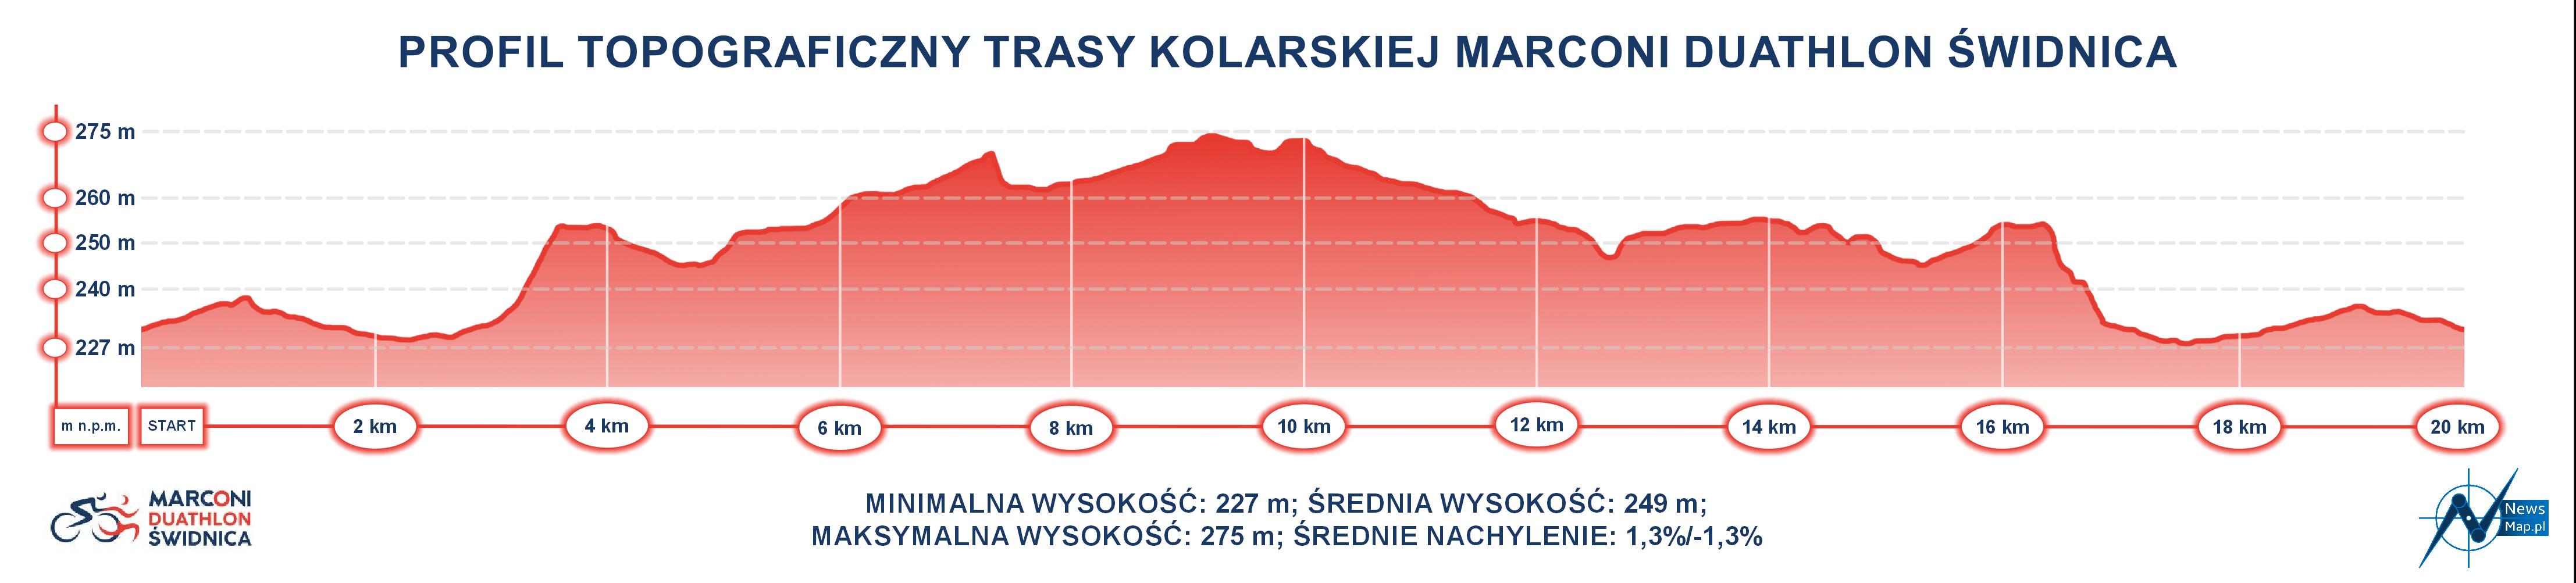 Duathlon Świdnica - profil topograficzny trasy kolarskiej